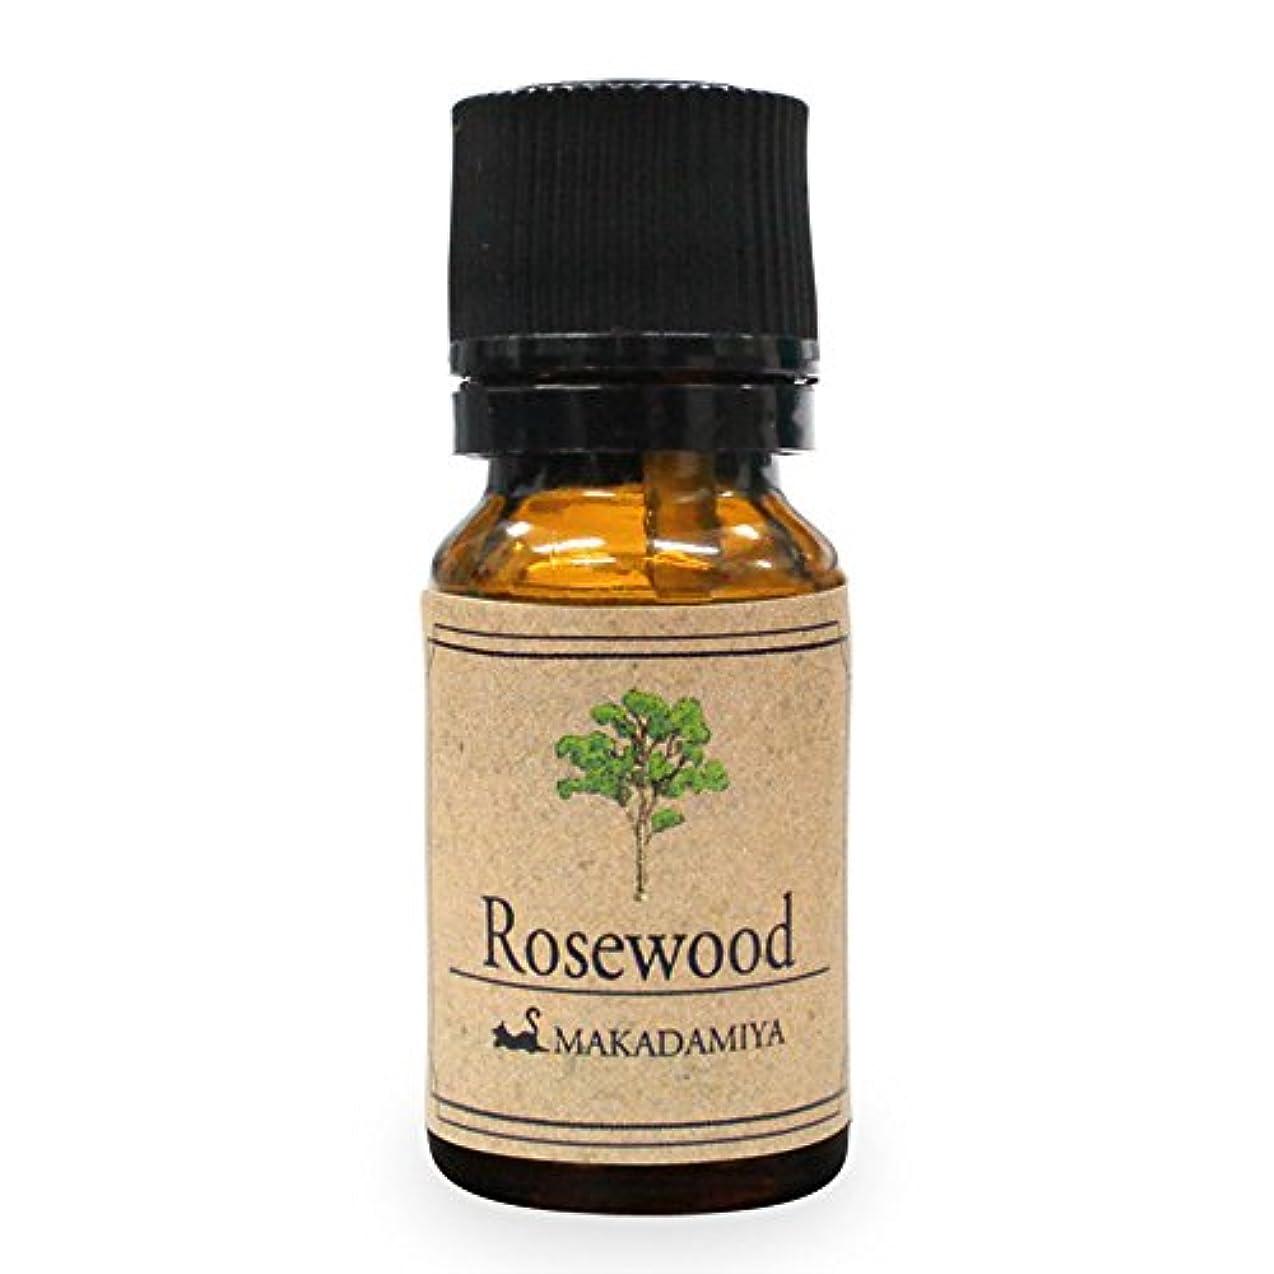 証明書カテゴリー空虚ローズウッド10ml 天然100%植物性 エッセンシャルオイル(精油) アロマオイル アロママッサージ aroma Rosewood